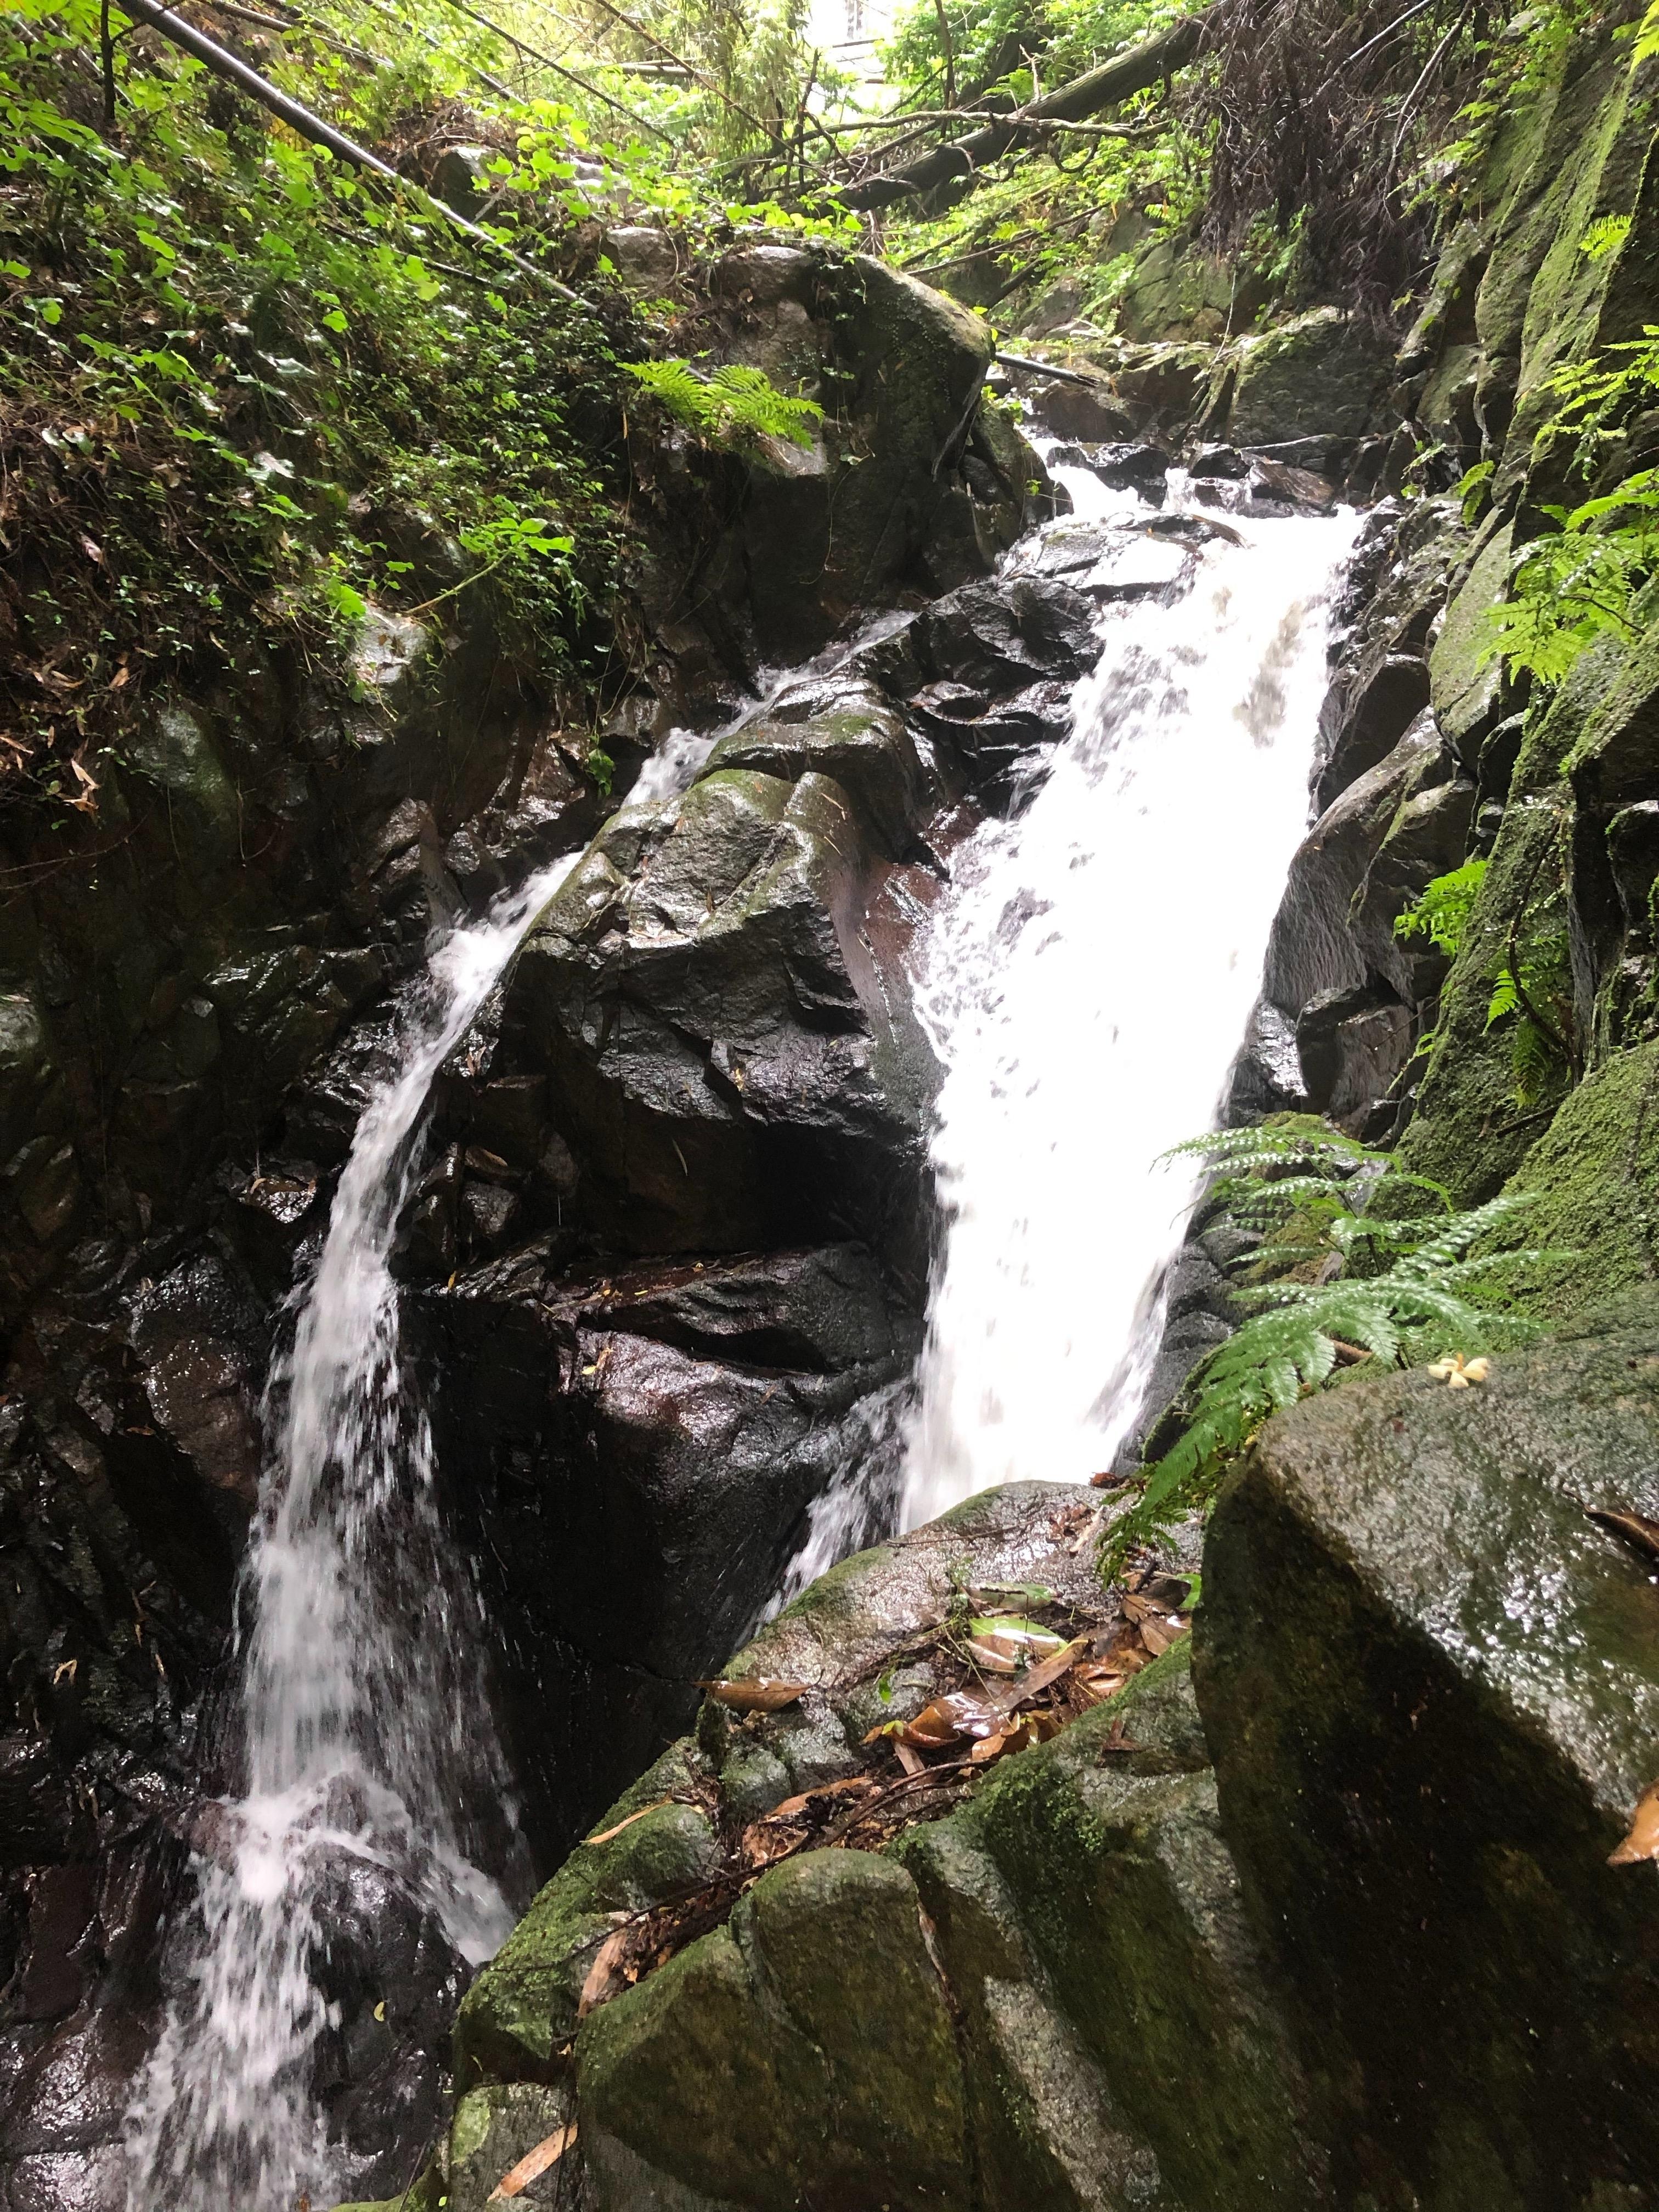 ぴーきち&ダイナ ハーレーブログ 京都 龍王の滝 滝口